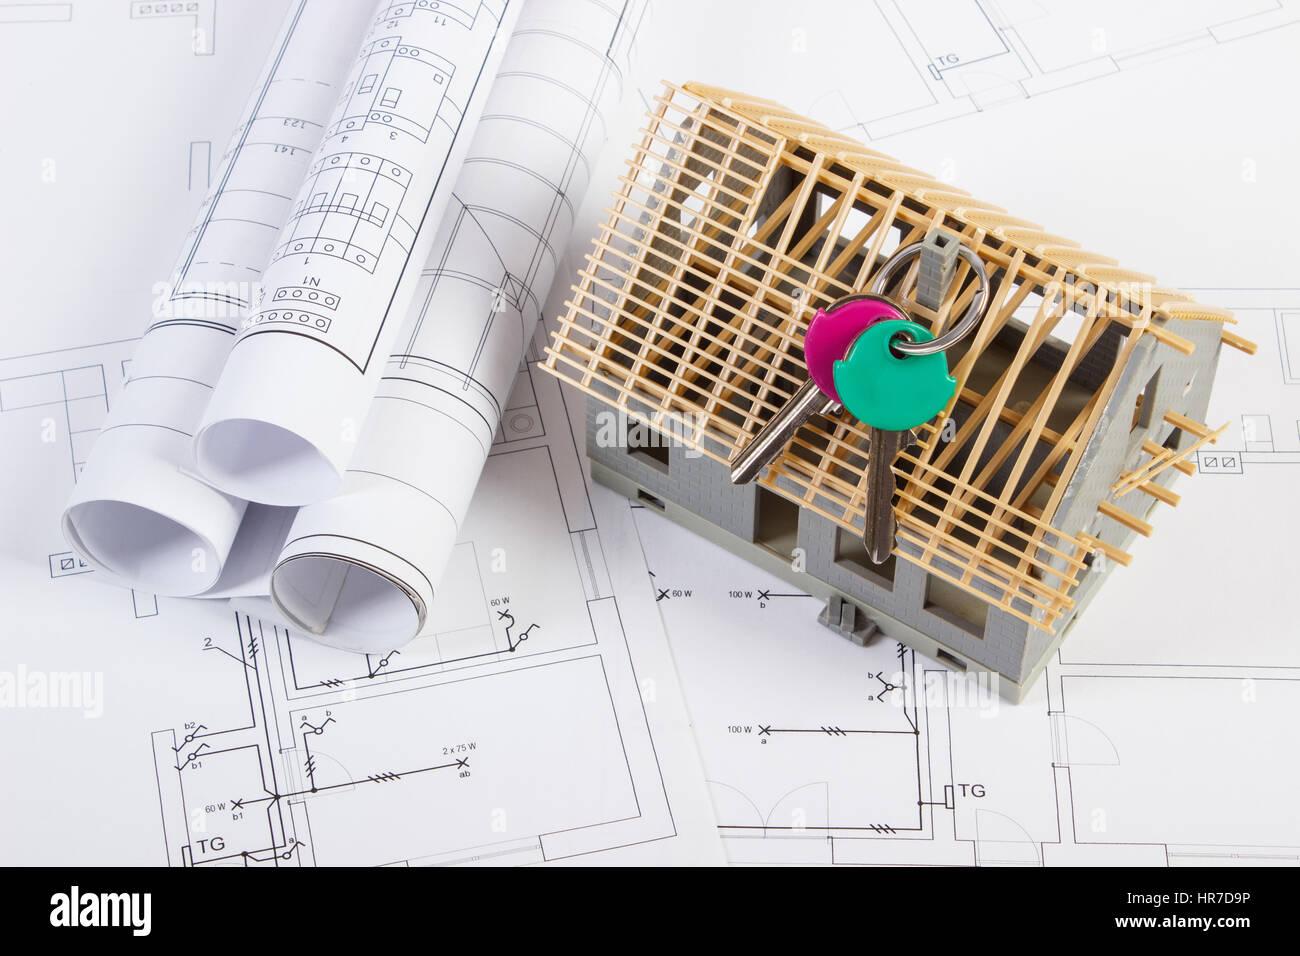 Tasten, Kleines Haus Im Bau Und Rollt Von Diagrammen Auf Elektrische  Zeichnungen Für Projekt,